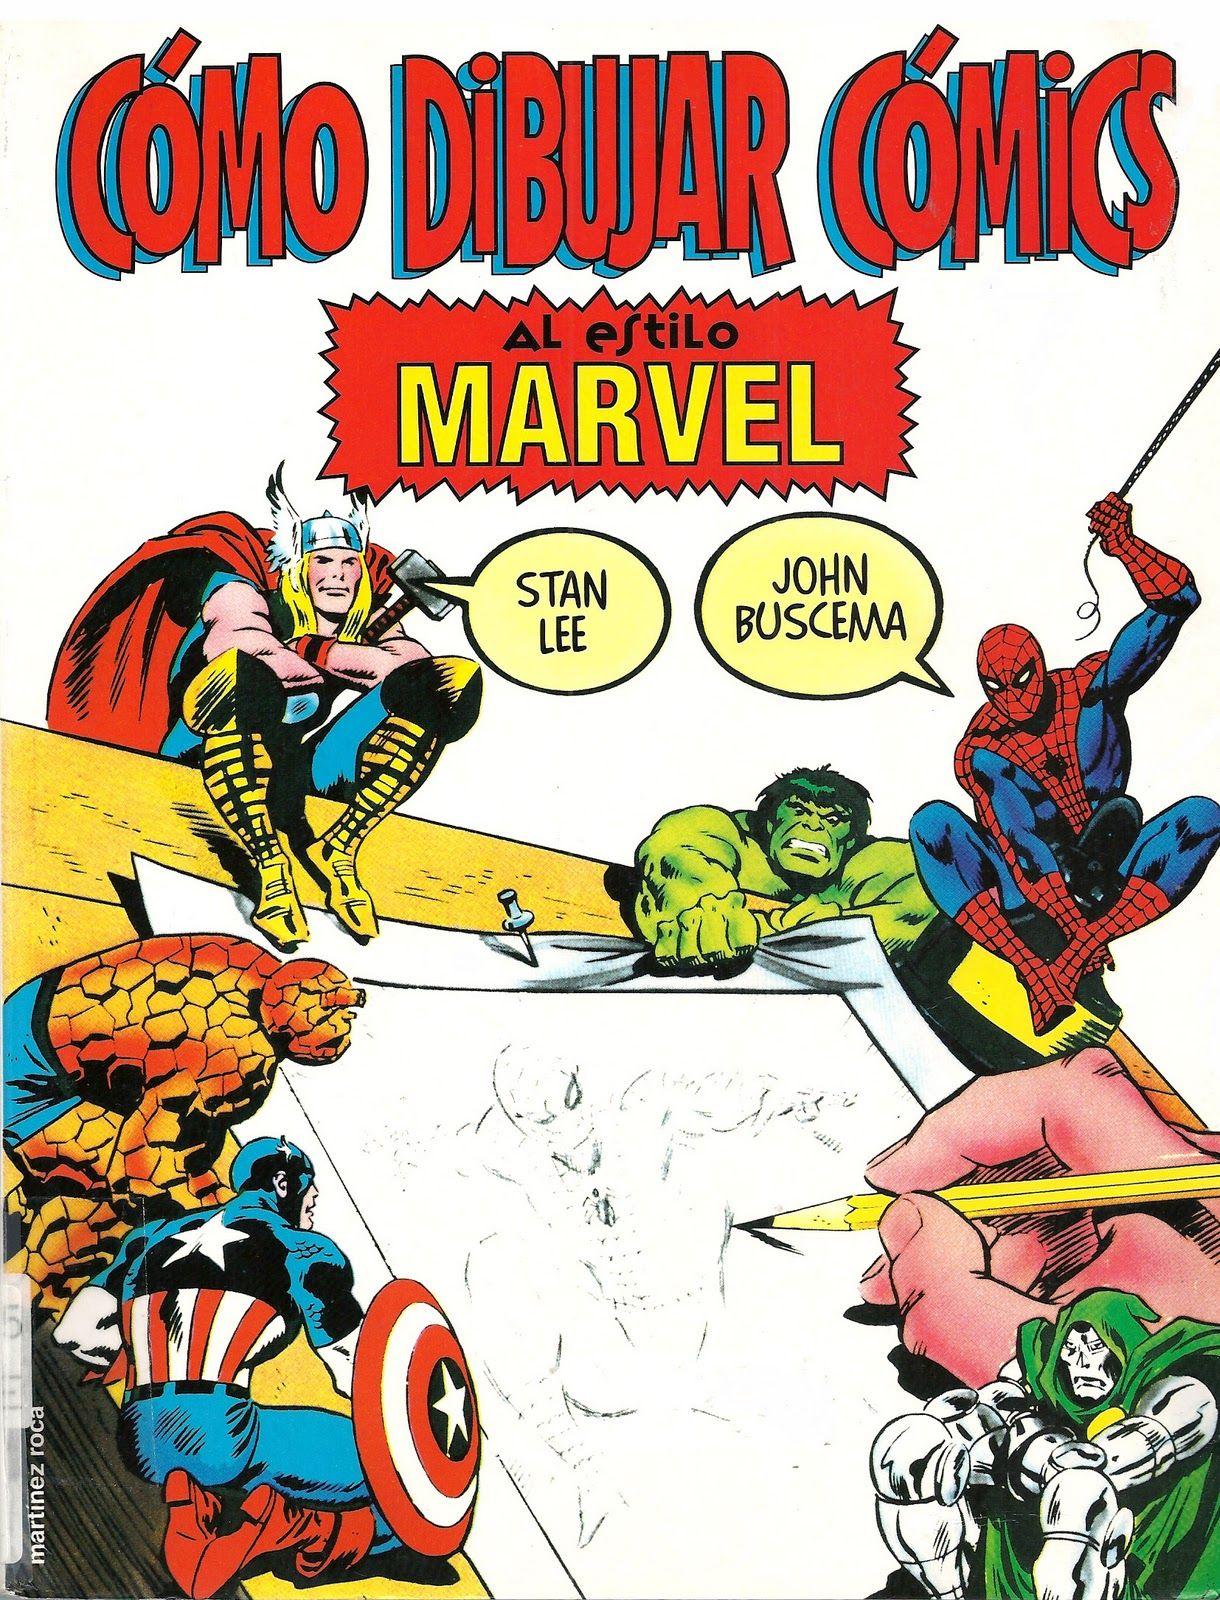 Como Dibujar Comics Al Estilo Marvel Ed Martinez Roca Seccio Comics Como Dibujar Comics Aprende A Dibujar Comic Dibujar Comic